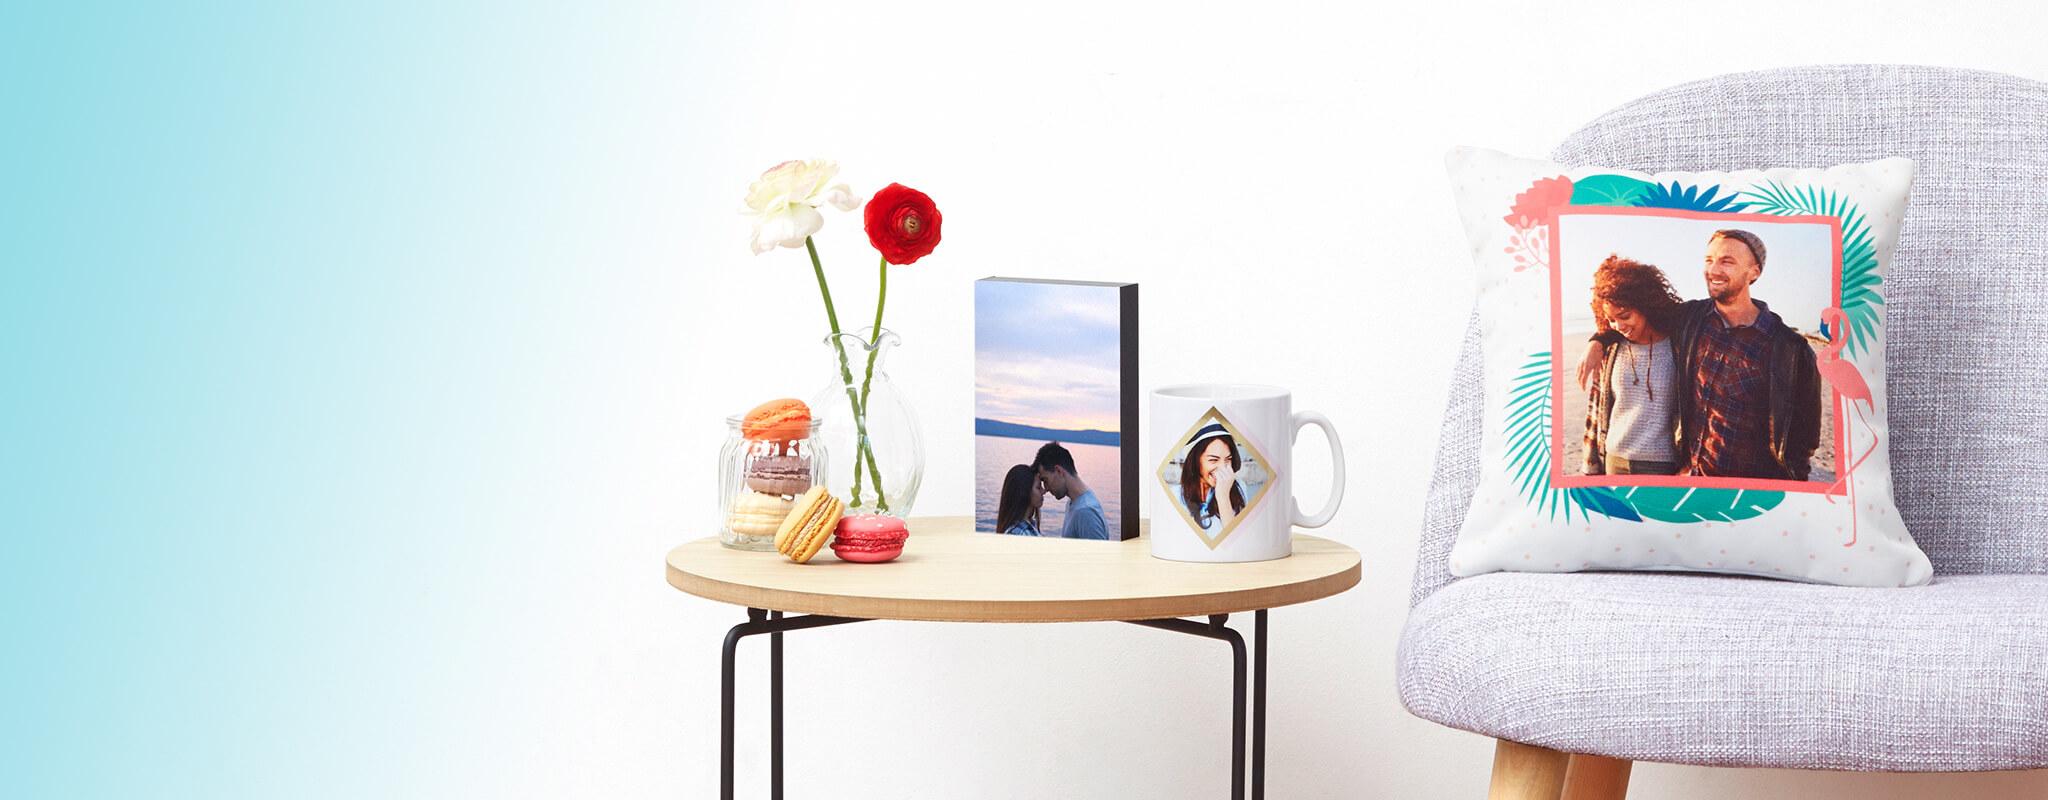 photobox-gallery